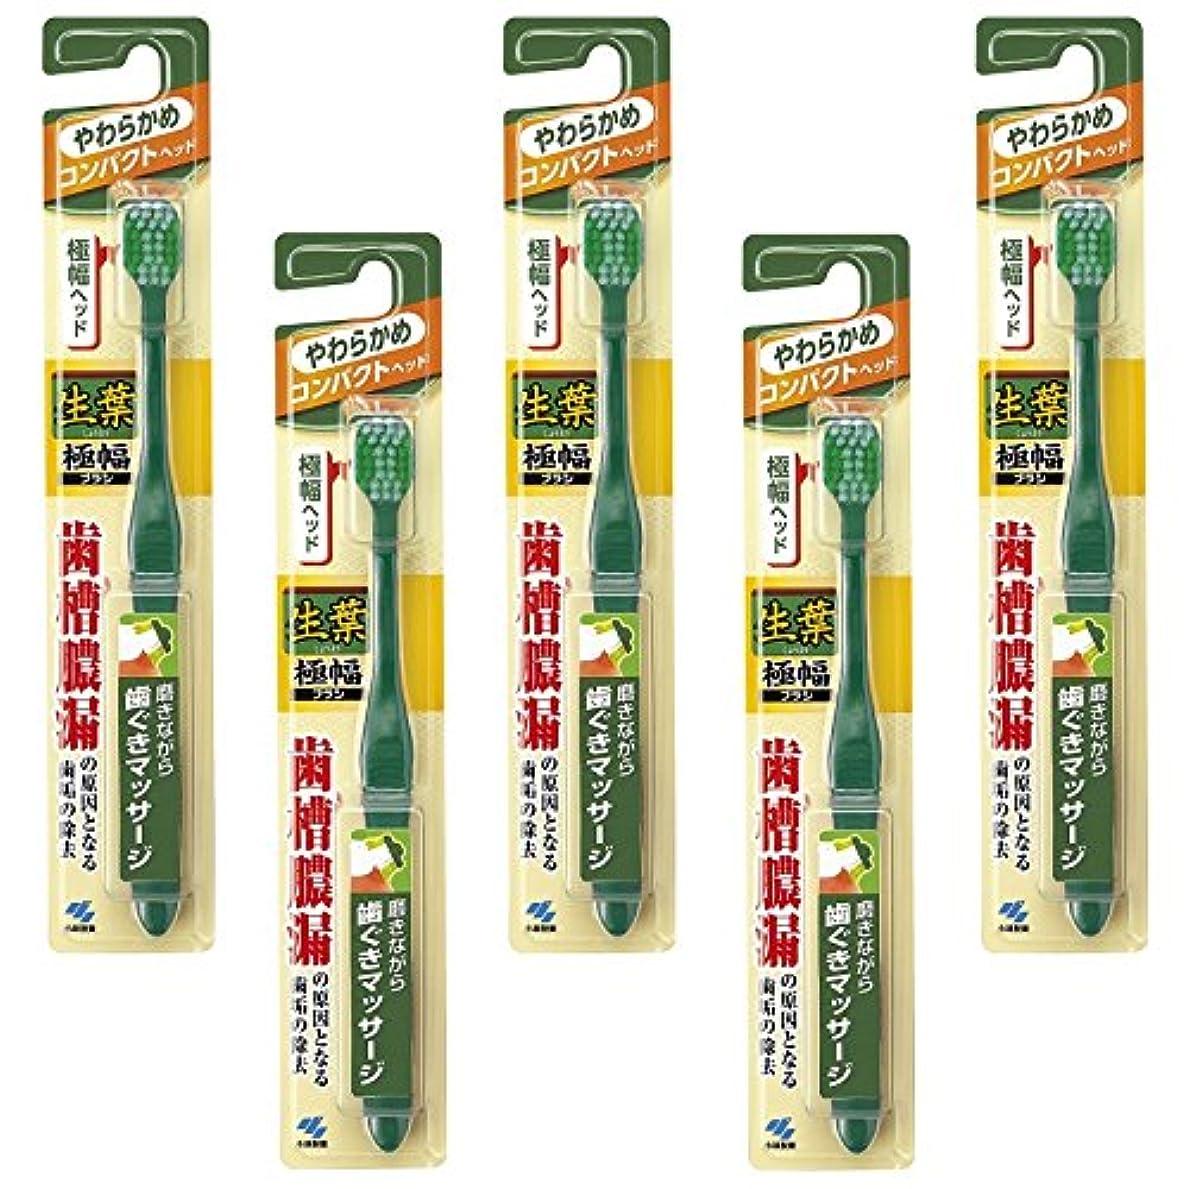 グリーンバック怒って悲劇的な【まとめ買い】生葉(しょうよう)極幅ブラシ 歯ブラシ コンパクトヘッド やわらかめ×5個